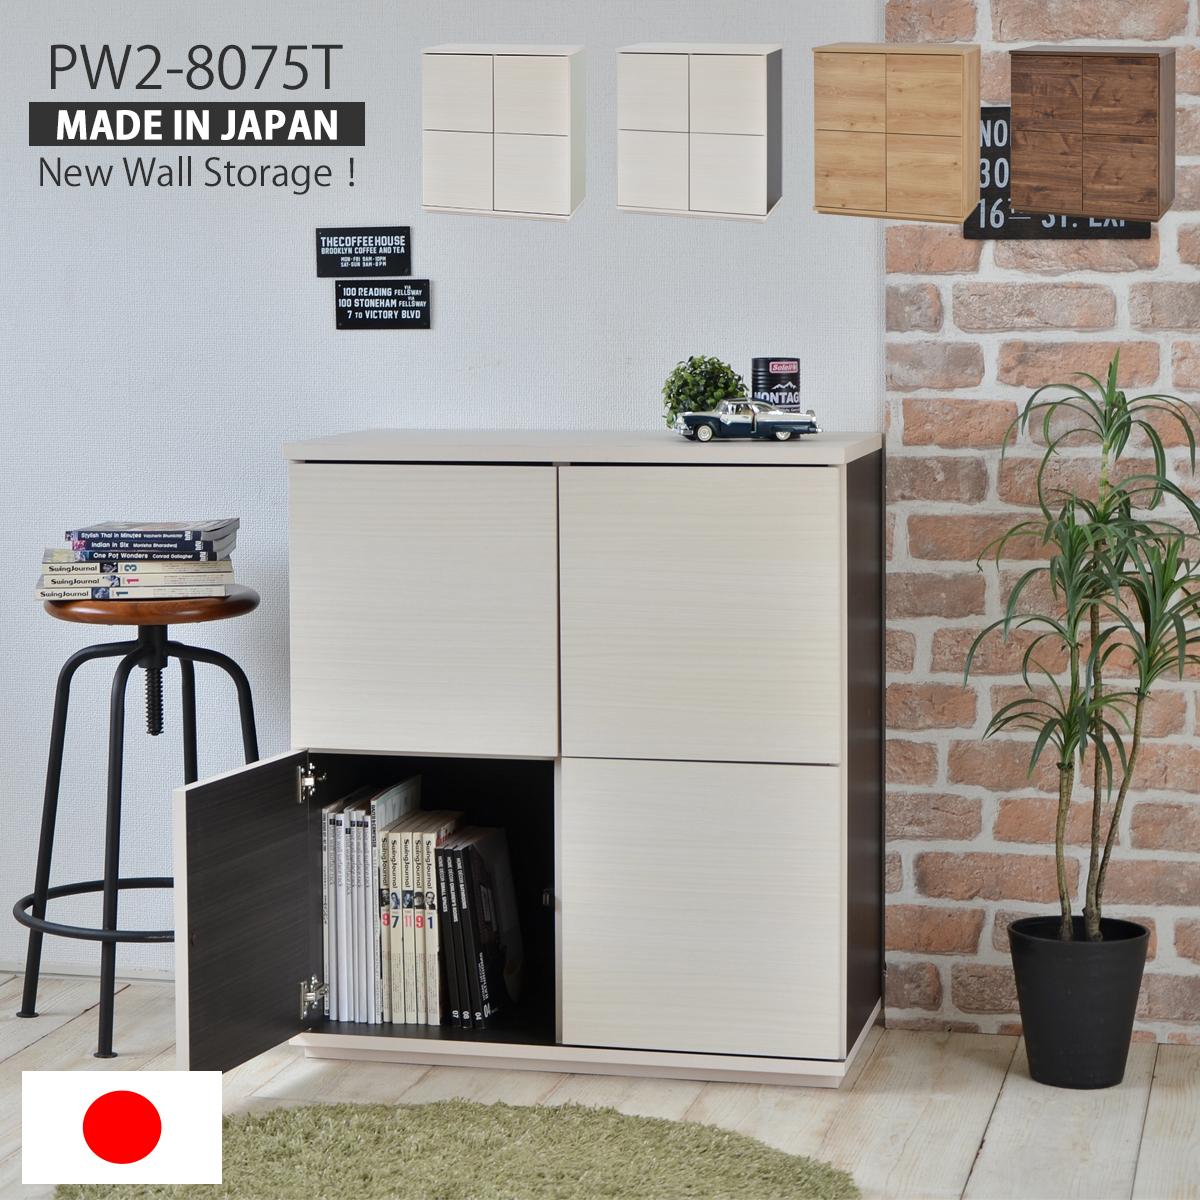 キャビネット 本棚 【日本製】シンプルデザインがスタイリッシュなキャビネットタイプの壁面収納! おしゃれ 収納家具 書棚